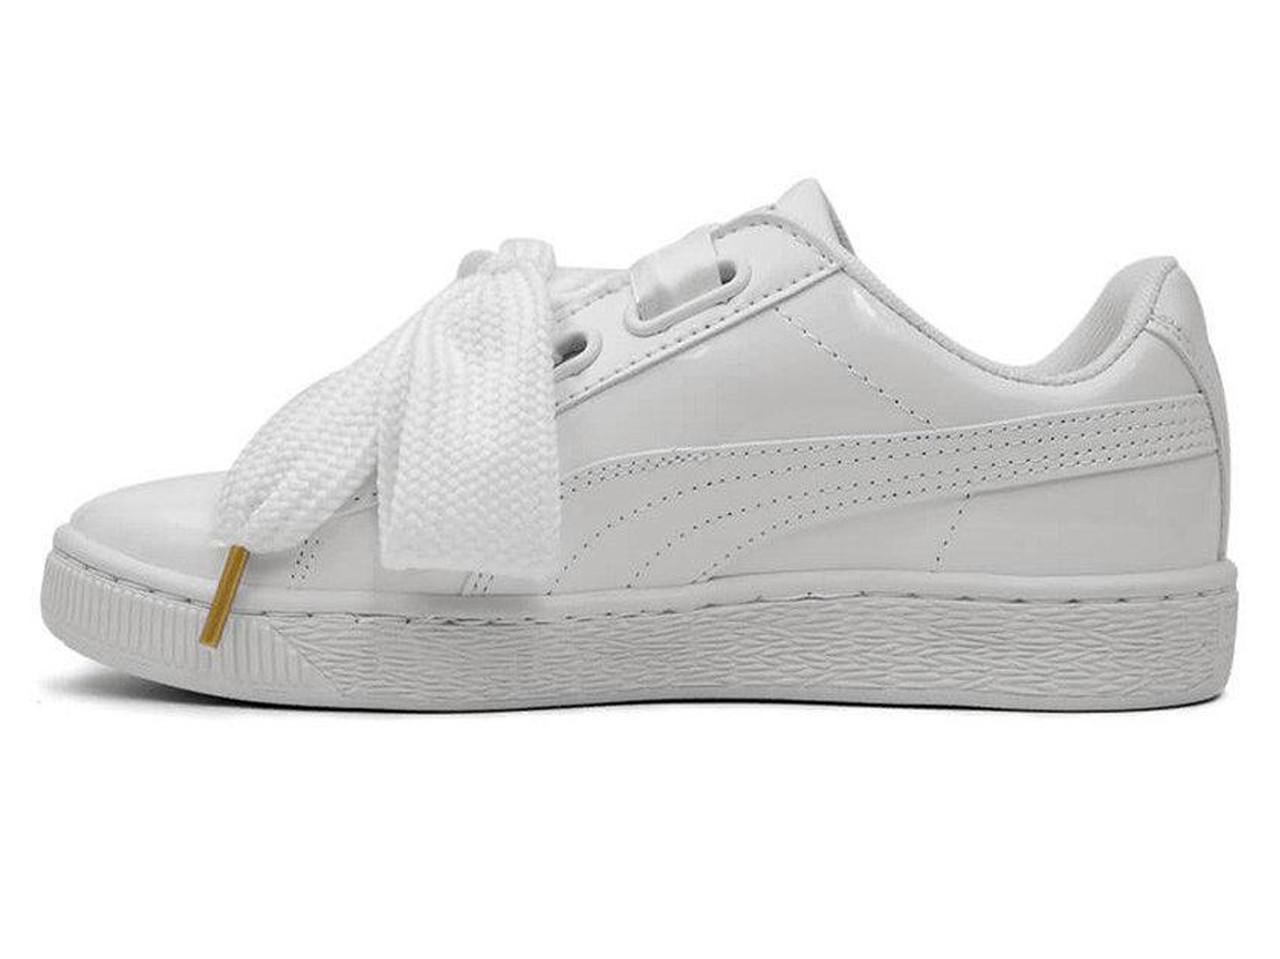 0ecc74fe88e7 Женские кроссовки Puma Basket Heart Patent White (Реплика ААА+) - Rocket  Shoes -